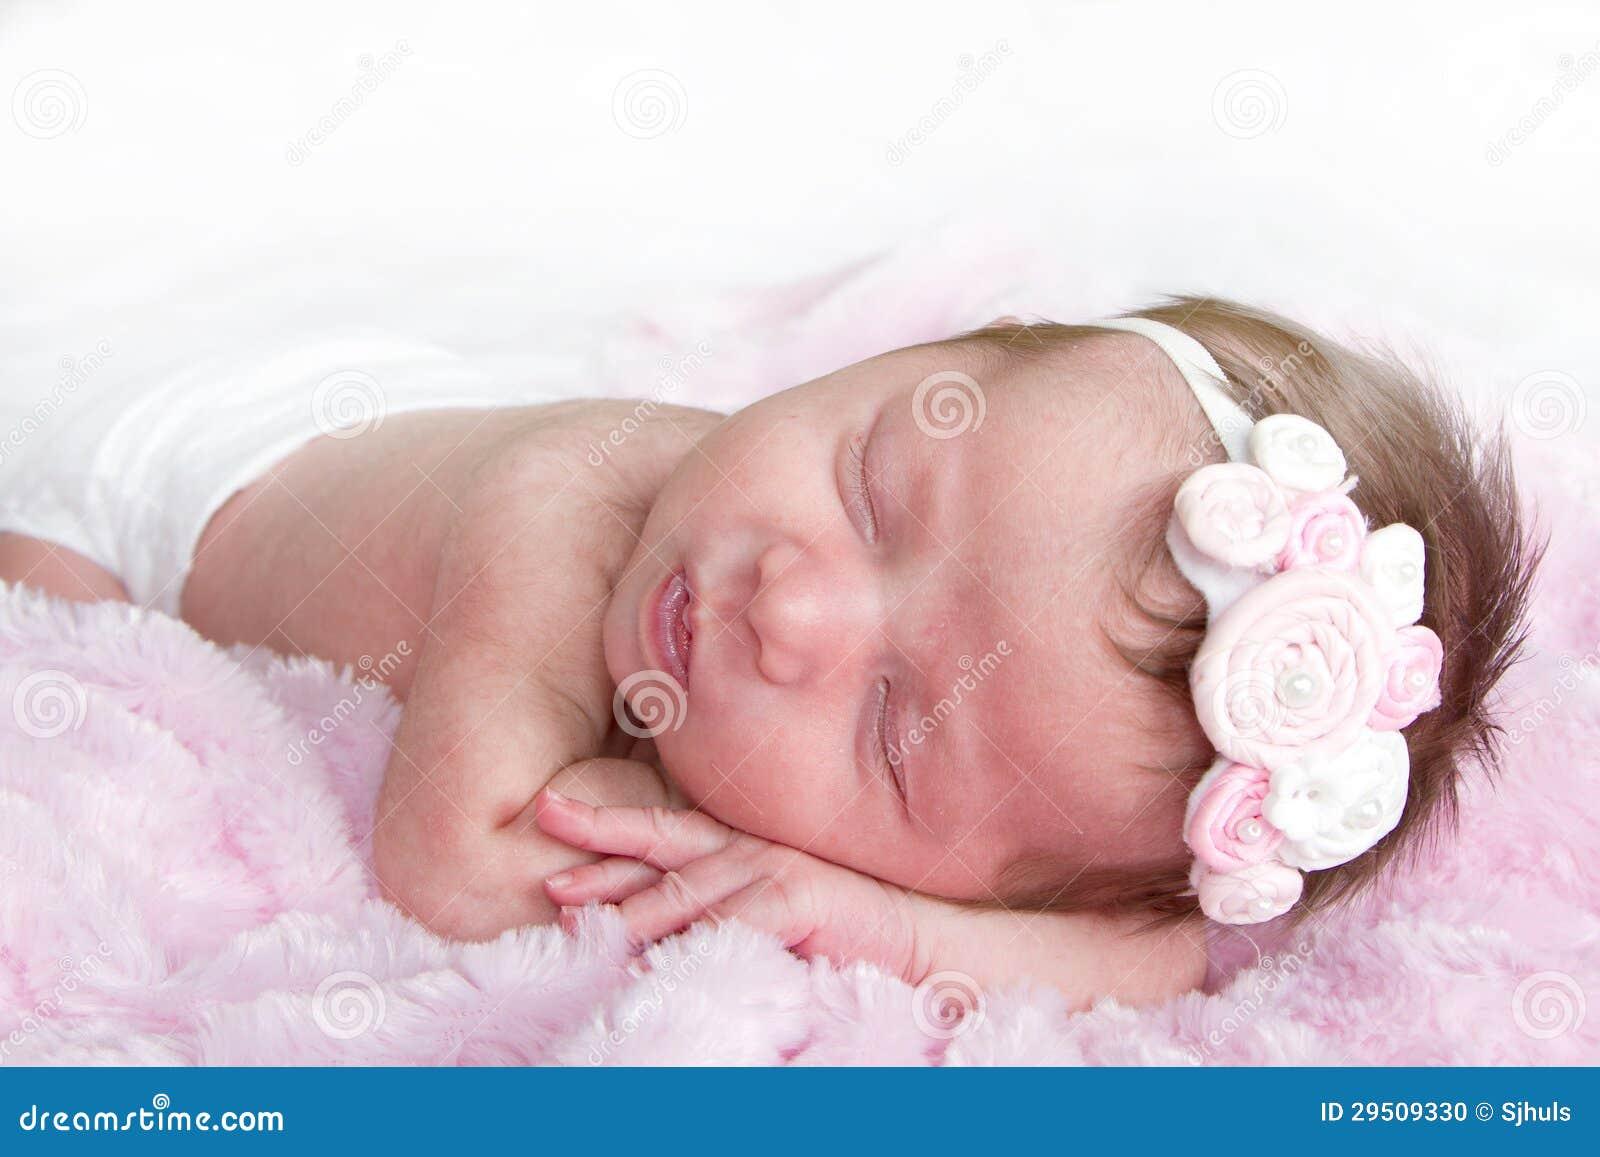 Pasgeboren zuigelingsslaap